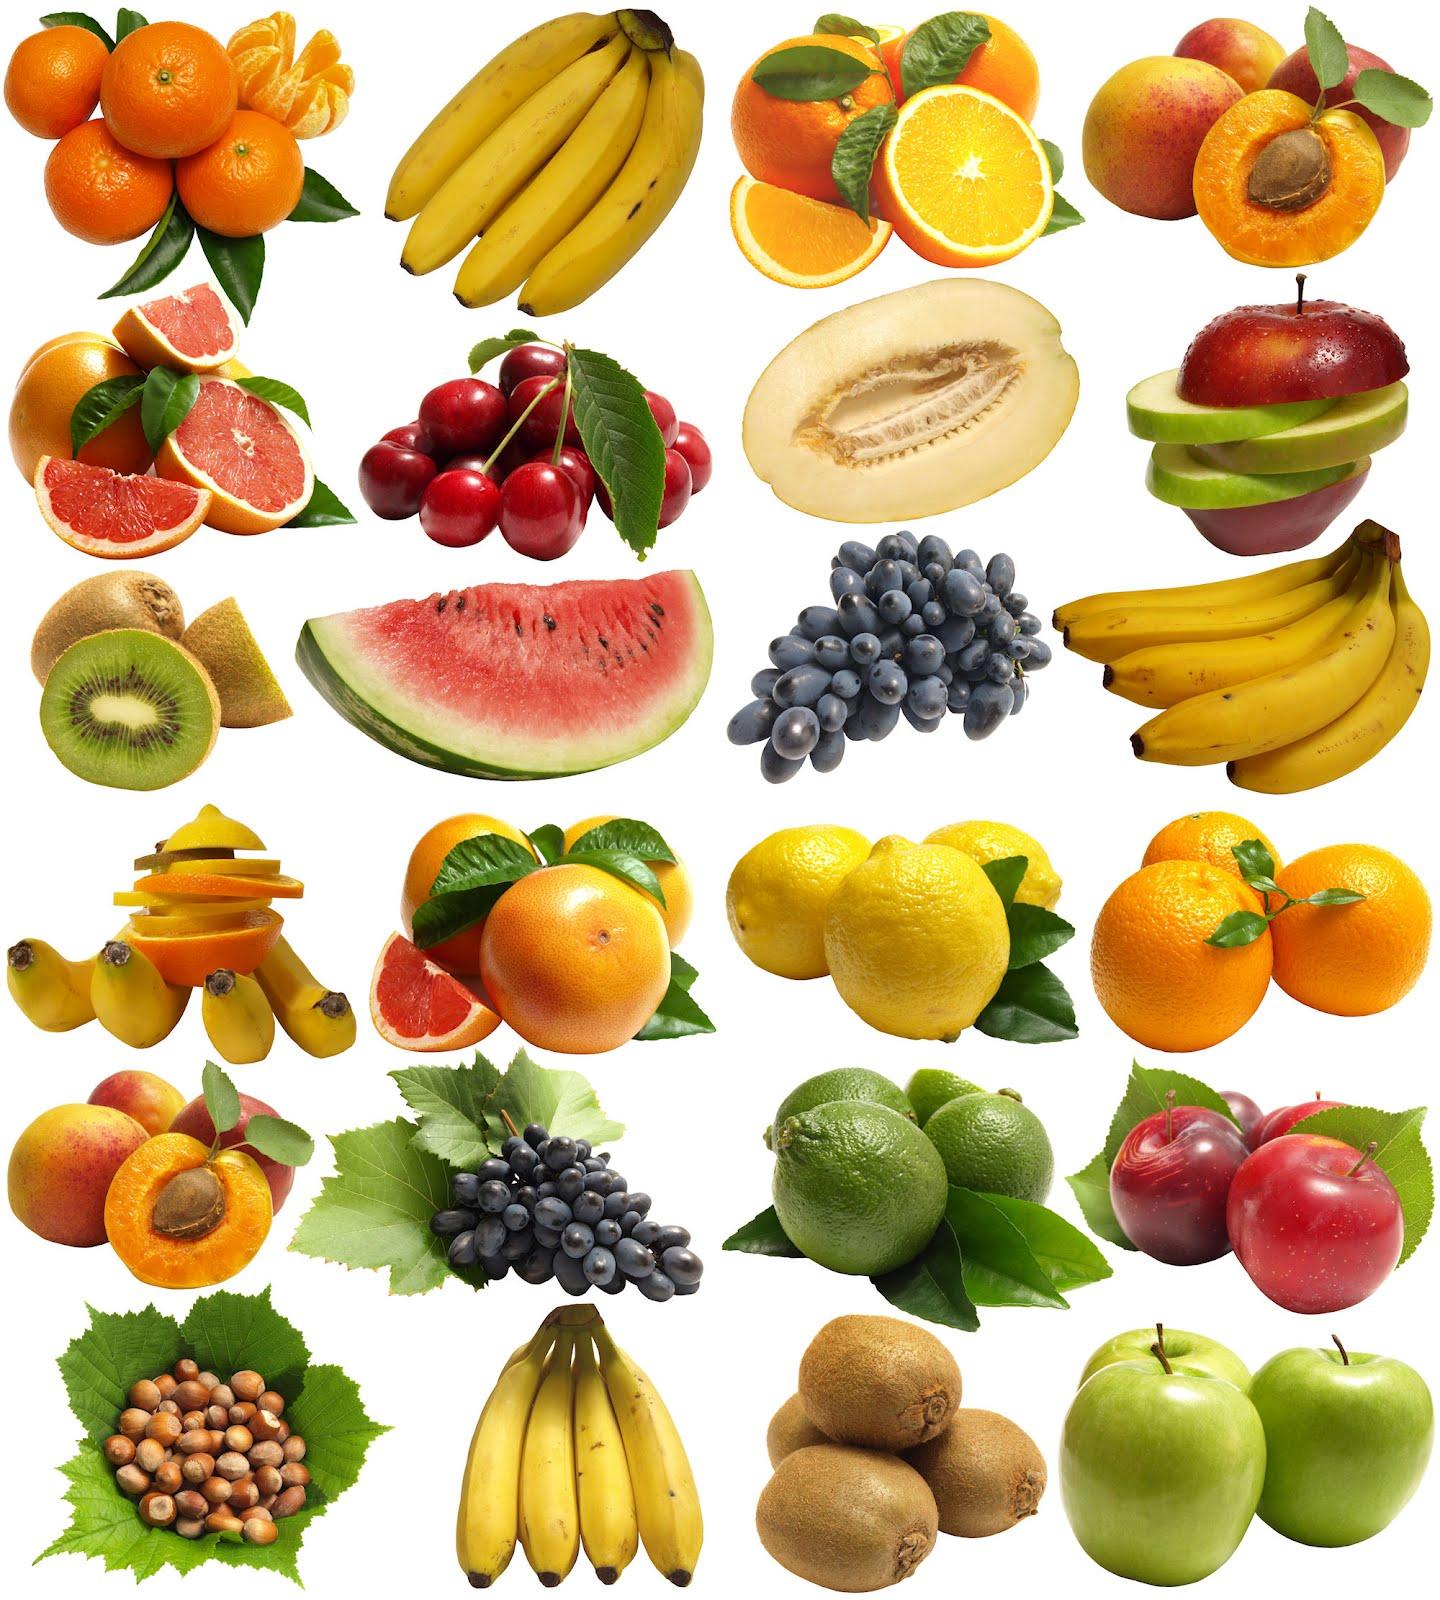 Banco de im genes 24 fotograf as de frutas con fondo for Comidas con d